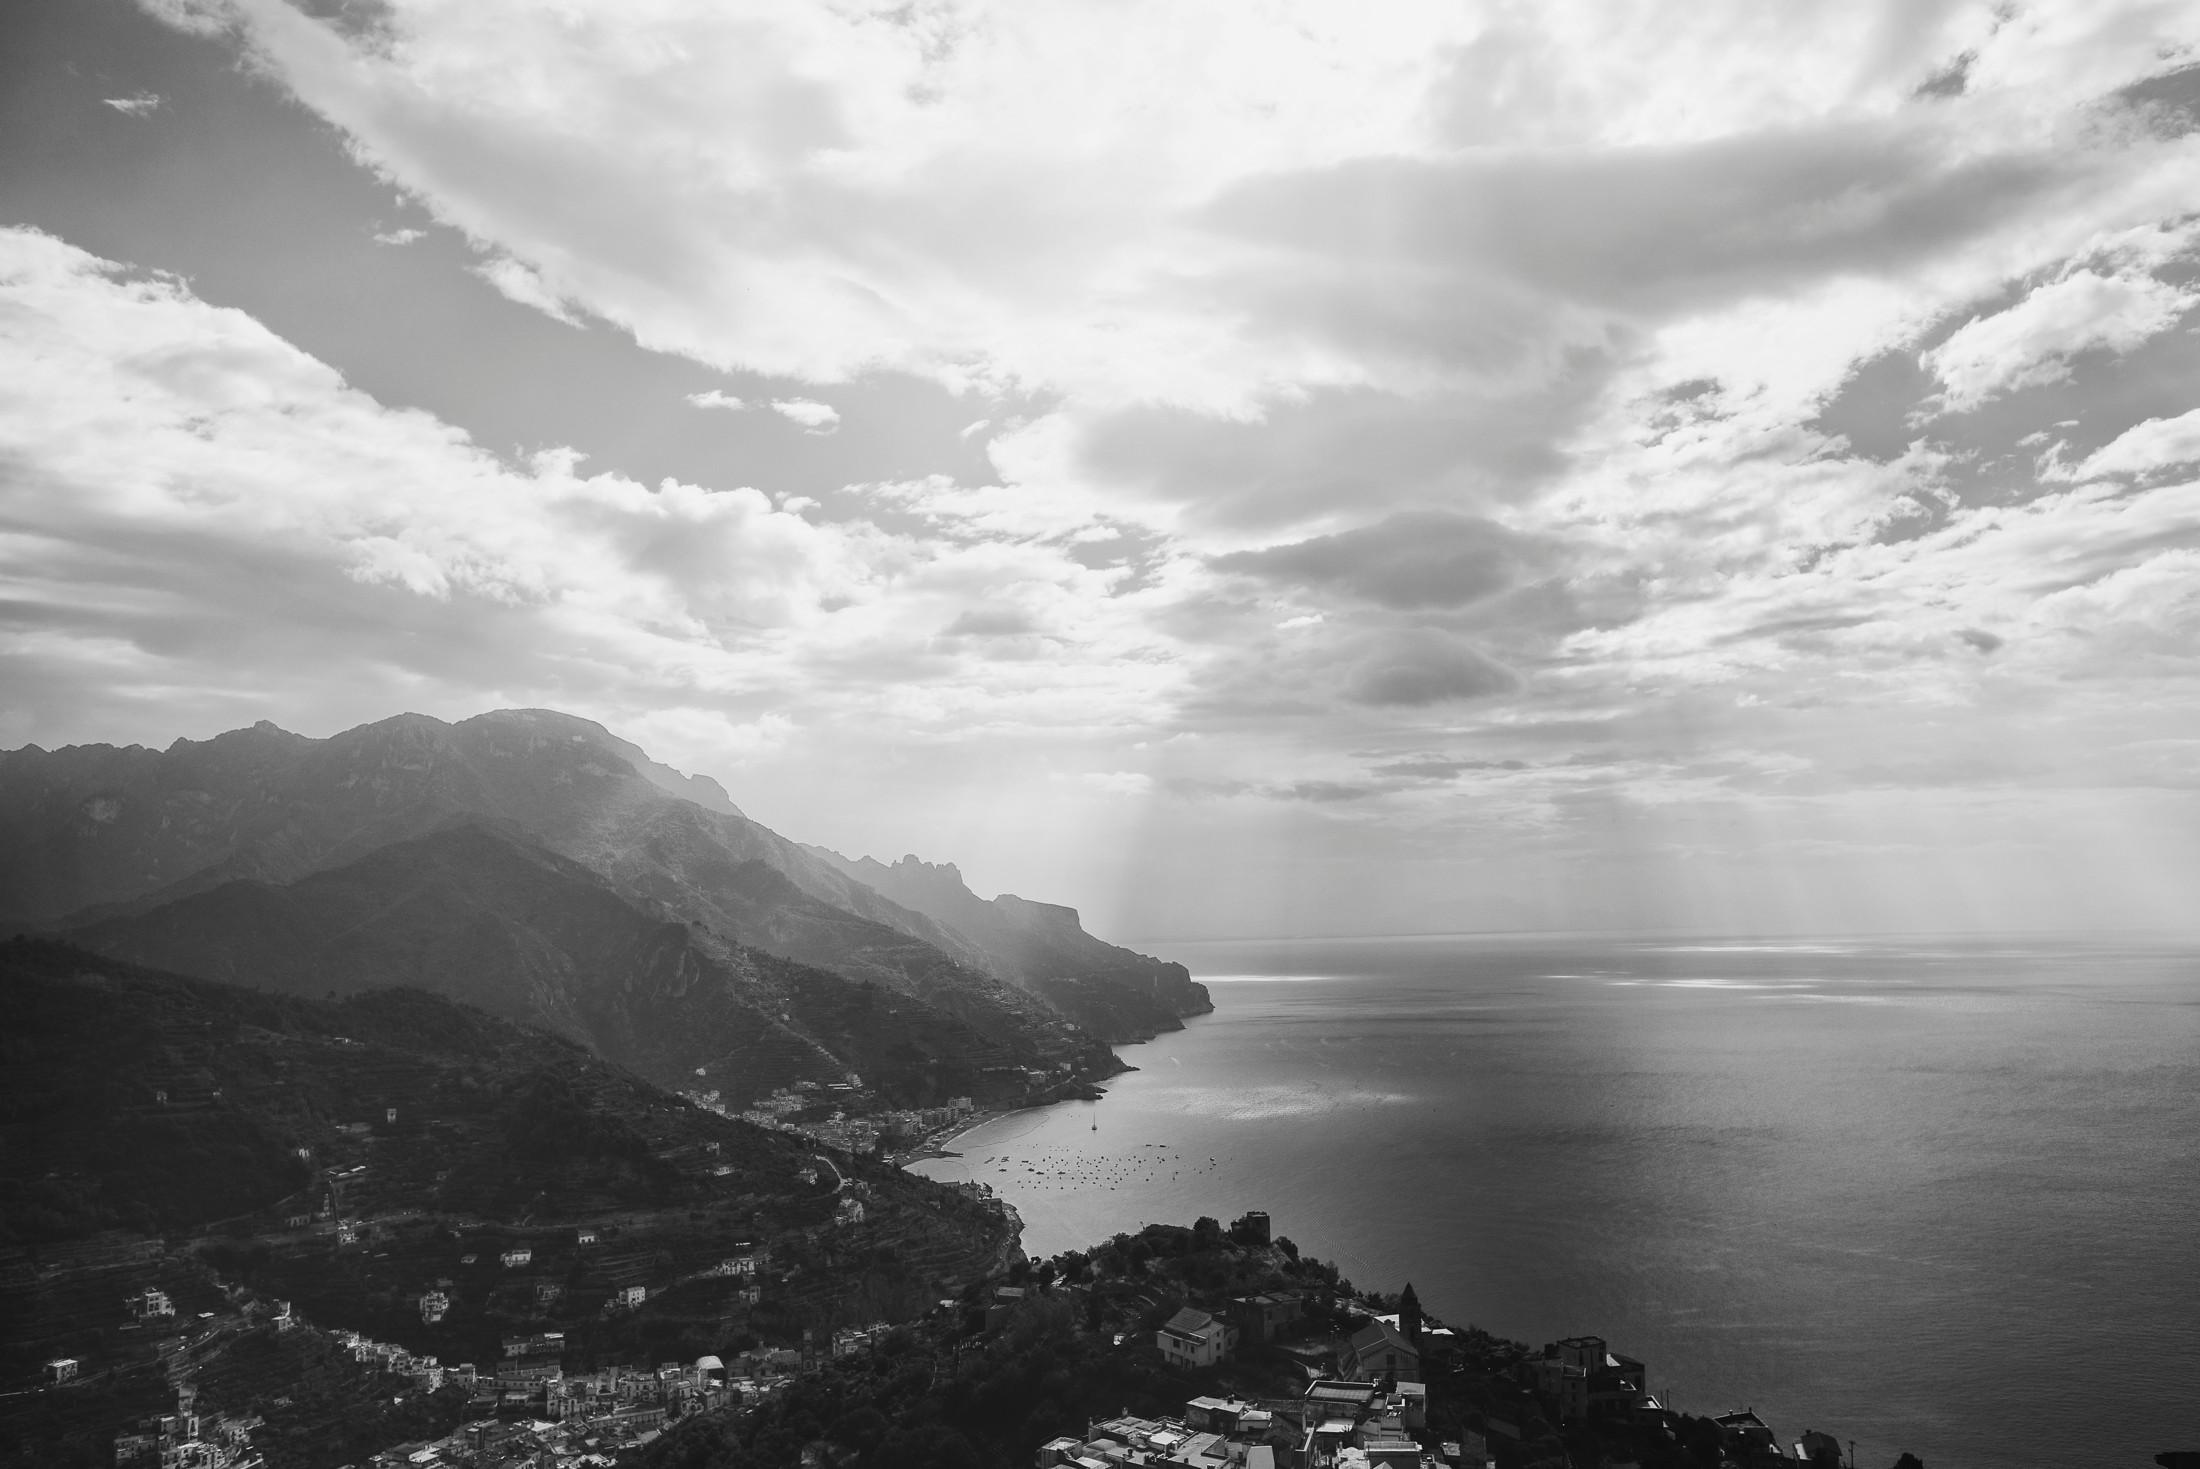 wedding on the amalfi coast landscape in black and white